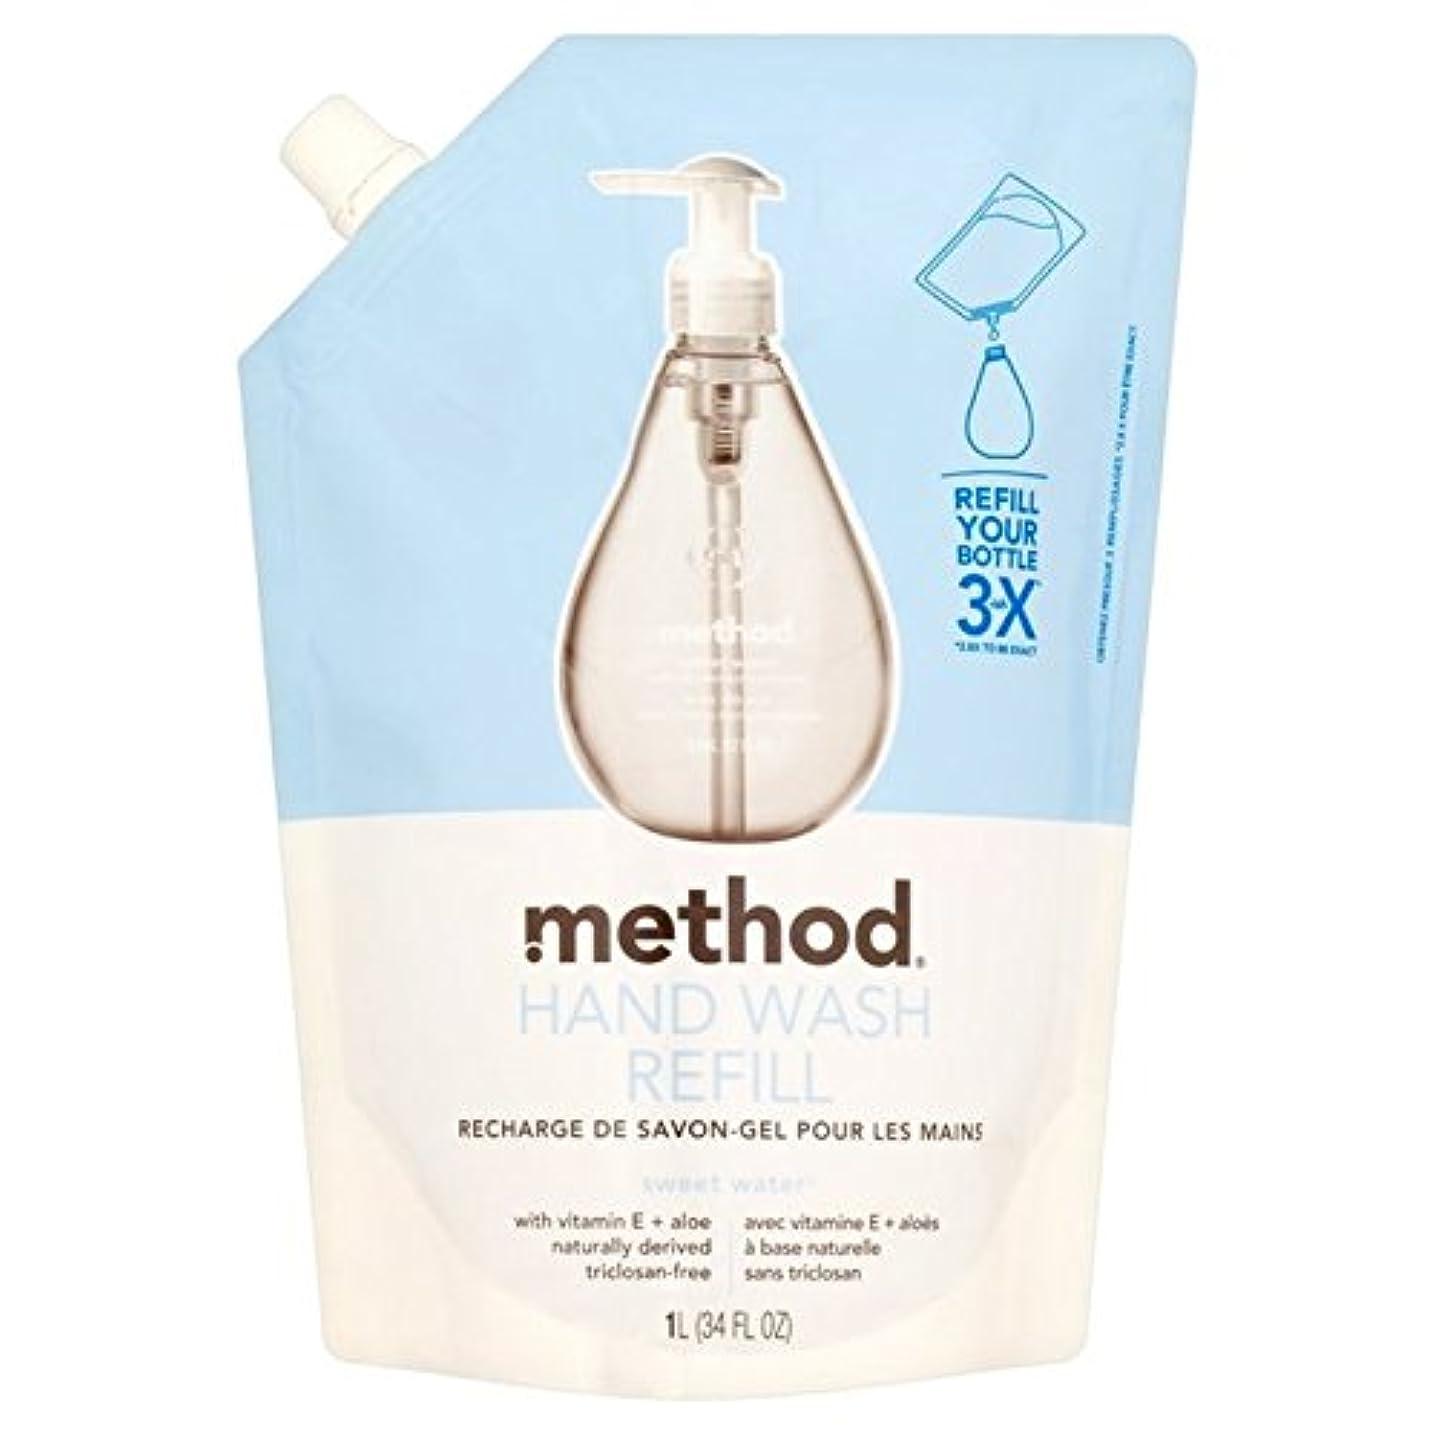 簿記係大きいプロジェクターメソッドの甘い水のリファイルの手洗いの1リットル x2 - Method Sweet Water Refil Handwash 1L (Pack of 2) [並行輸入品]